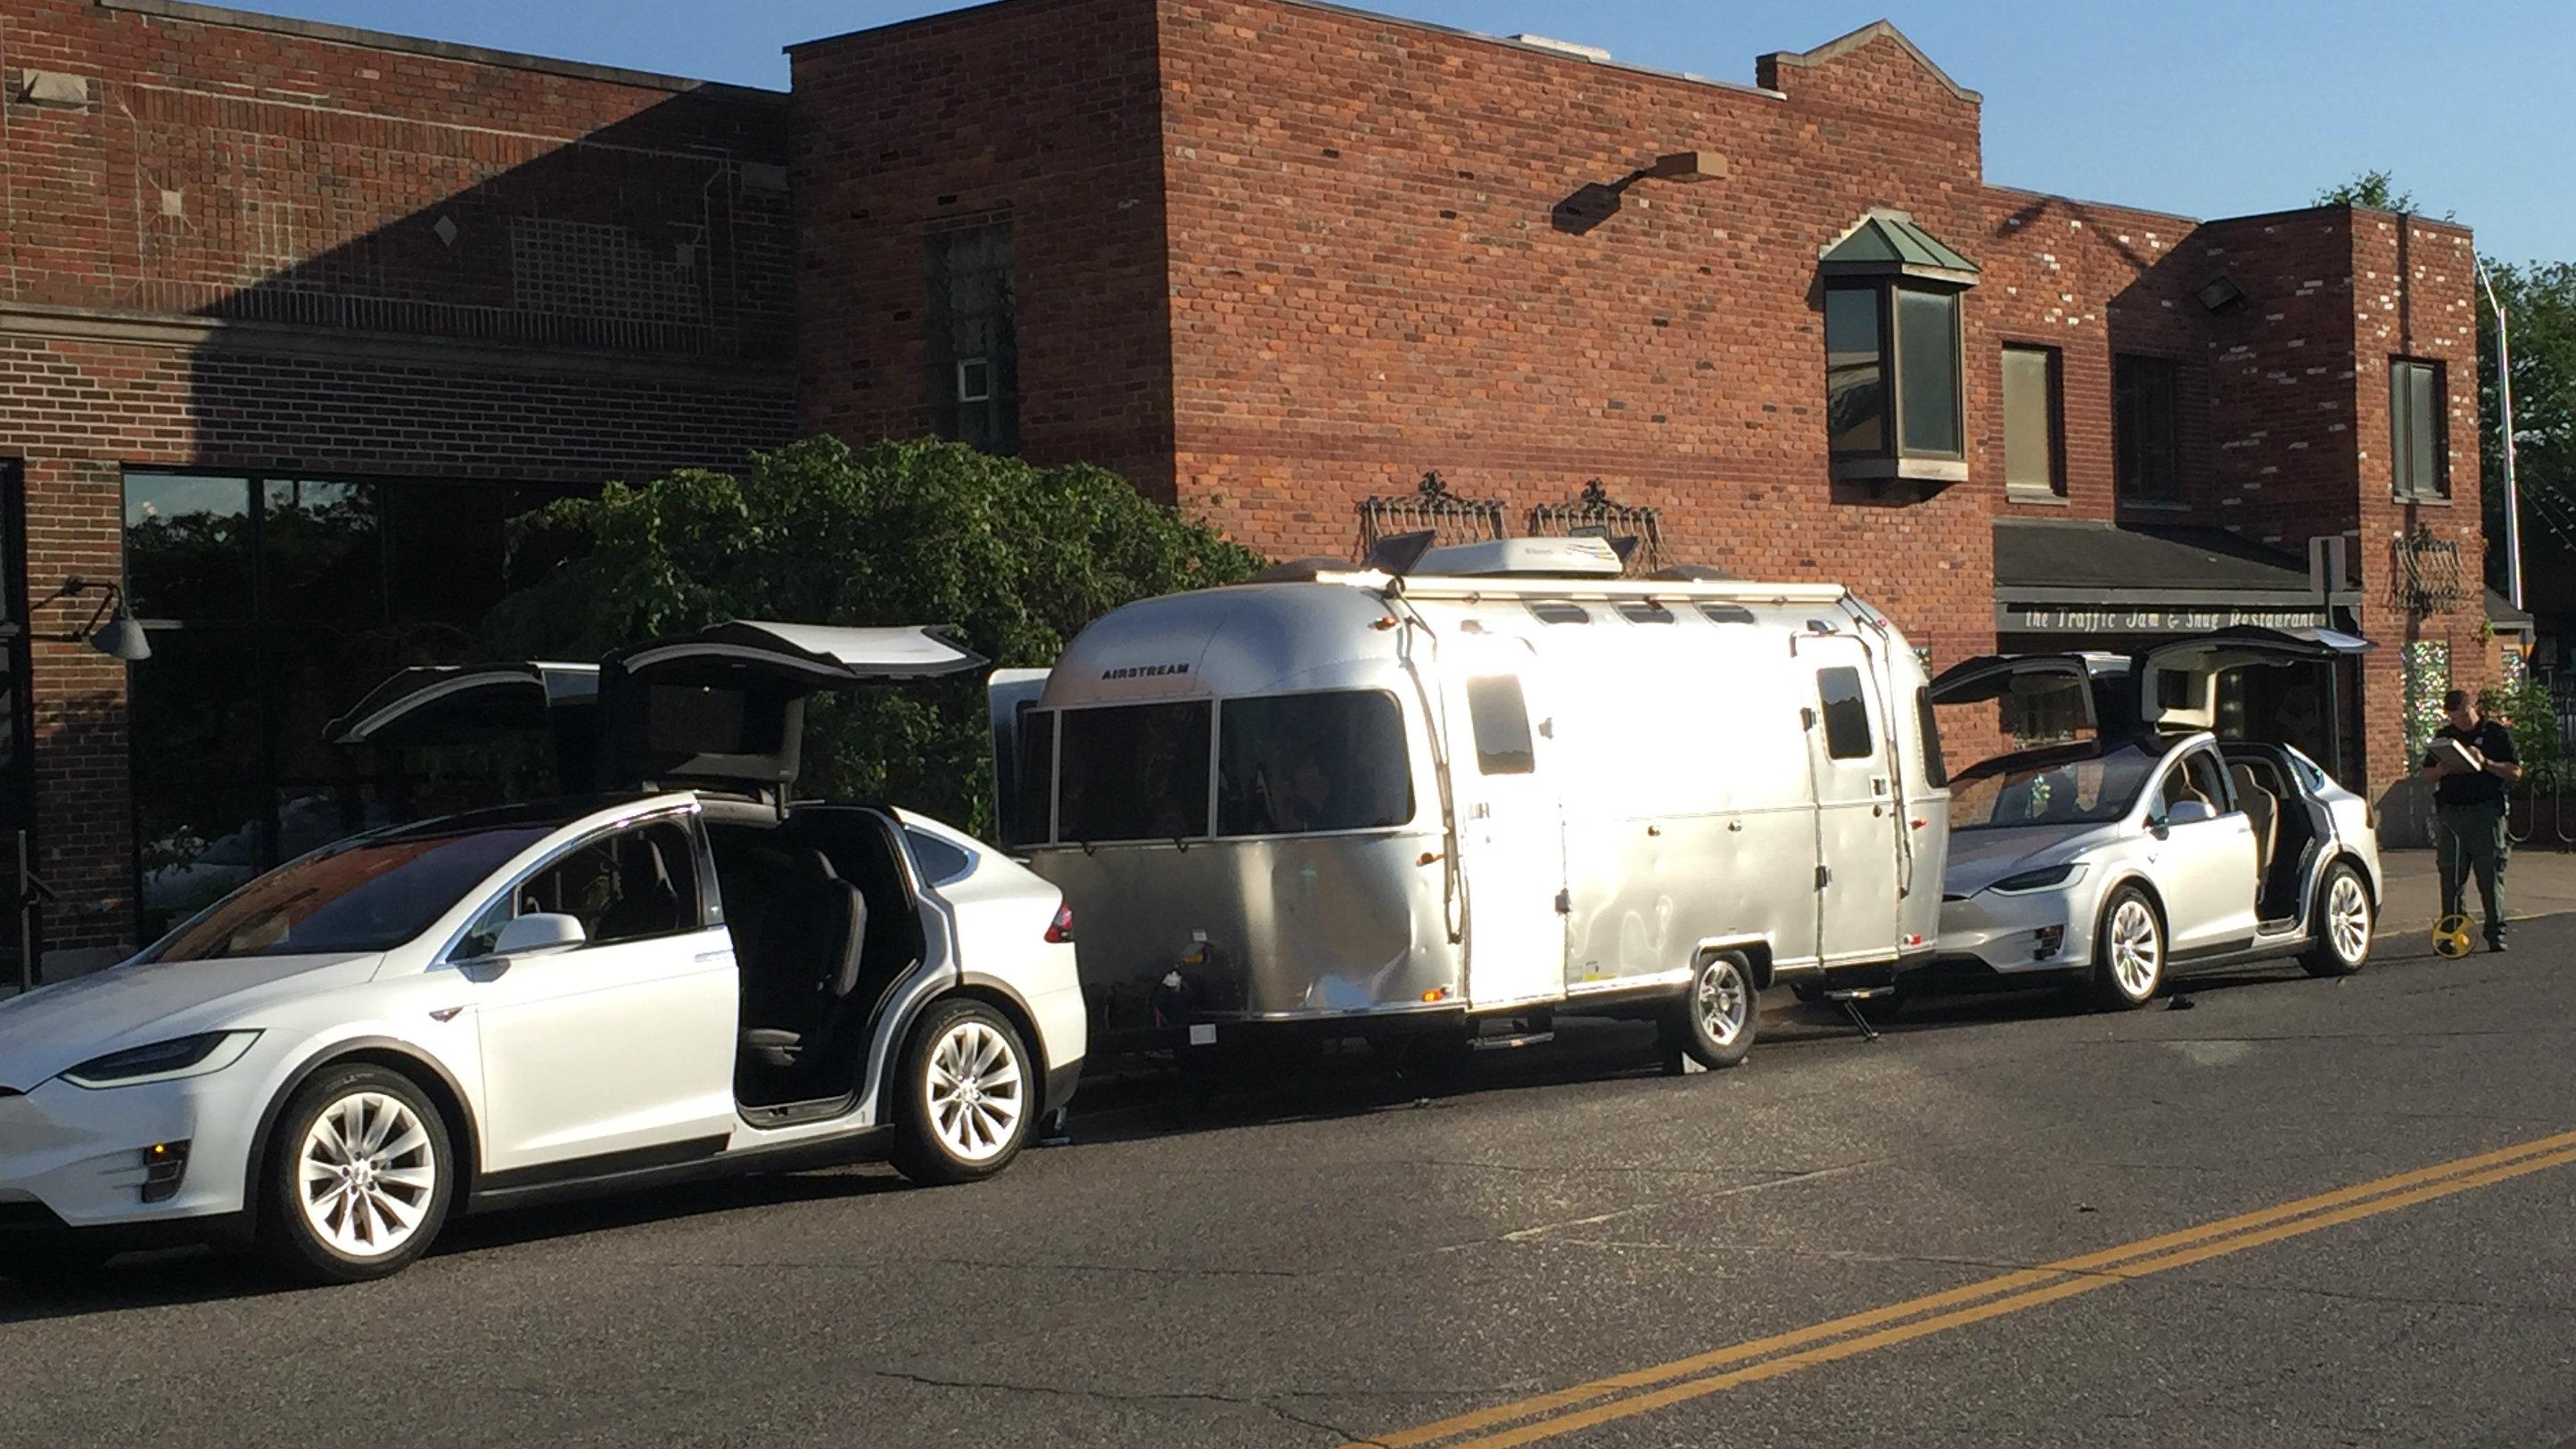 3 pedestrians hit by truck in Midtown Detroit